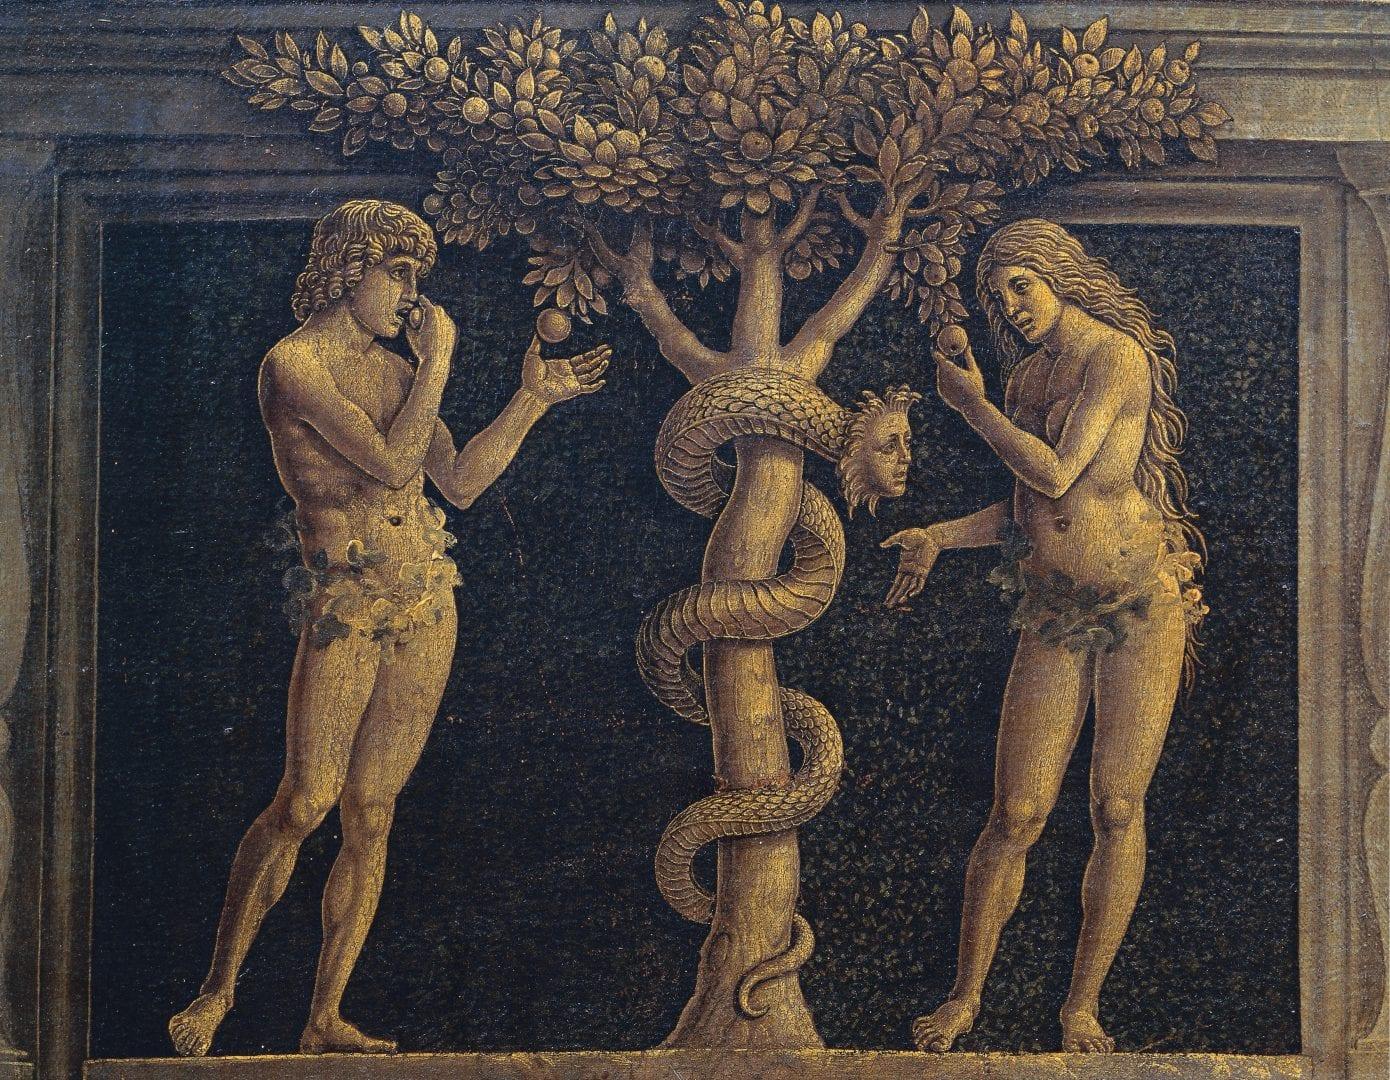 Adão e Eva - Quem eram? O que aconteceu com eles no Jardim do Éden?